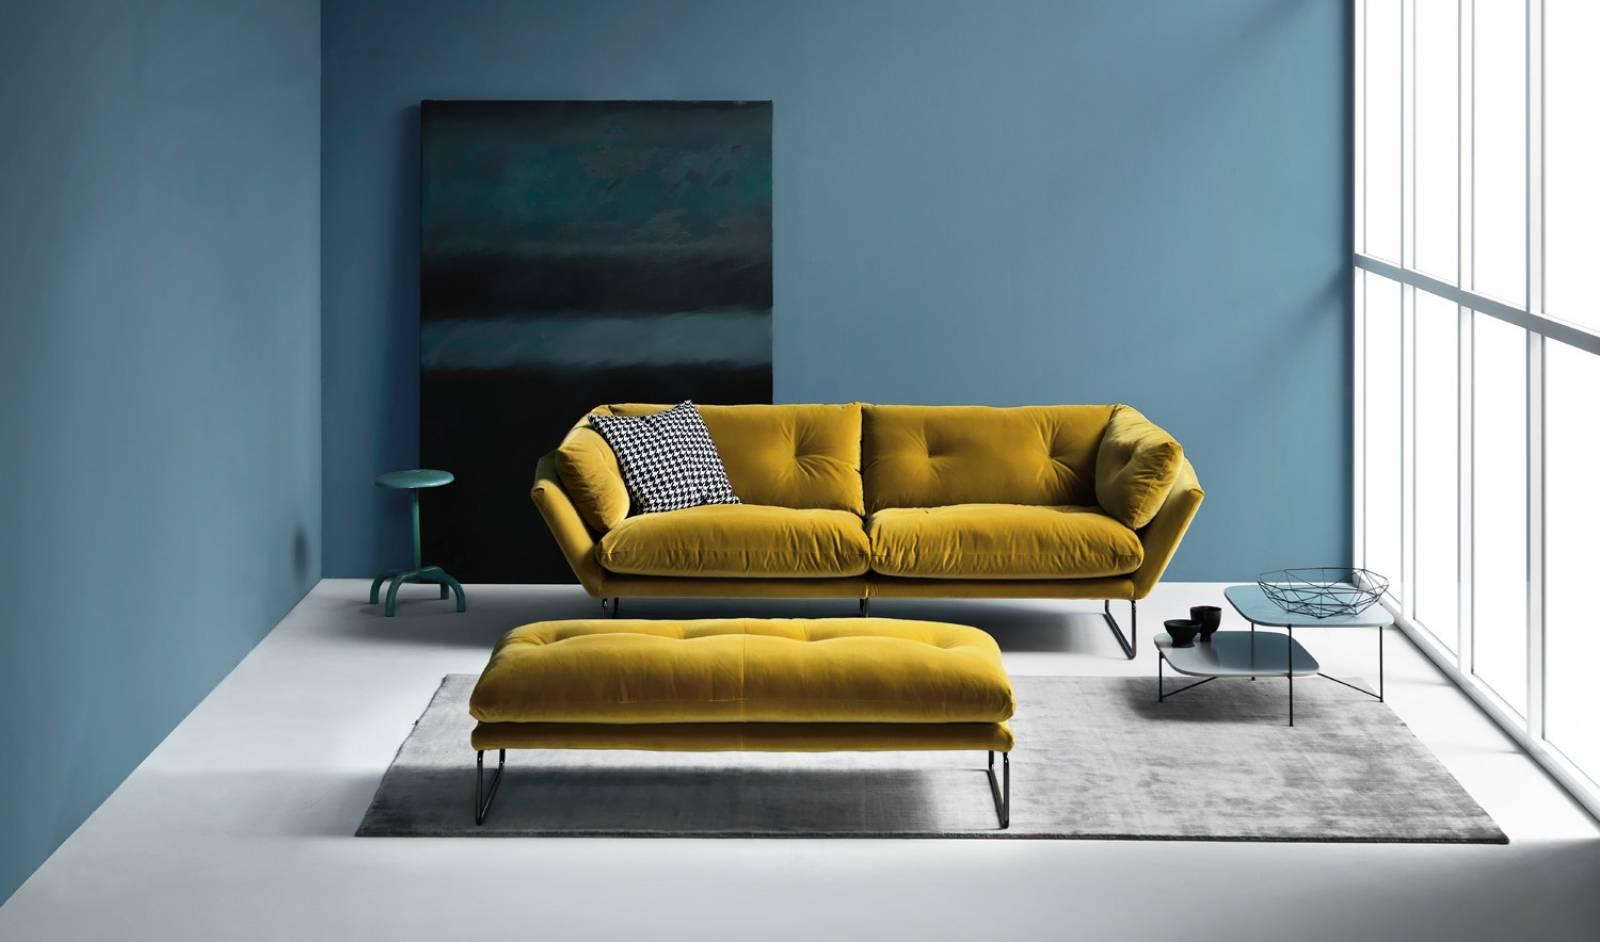 Entretien Canapé Cuir Buffle quelle matière pour votre canapé ? - magasin de meubles